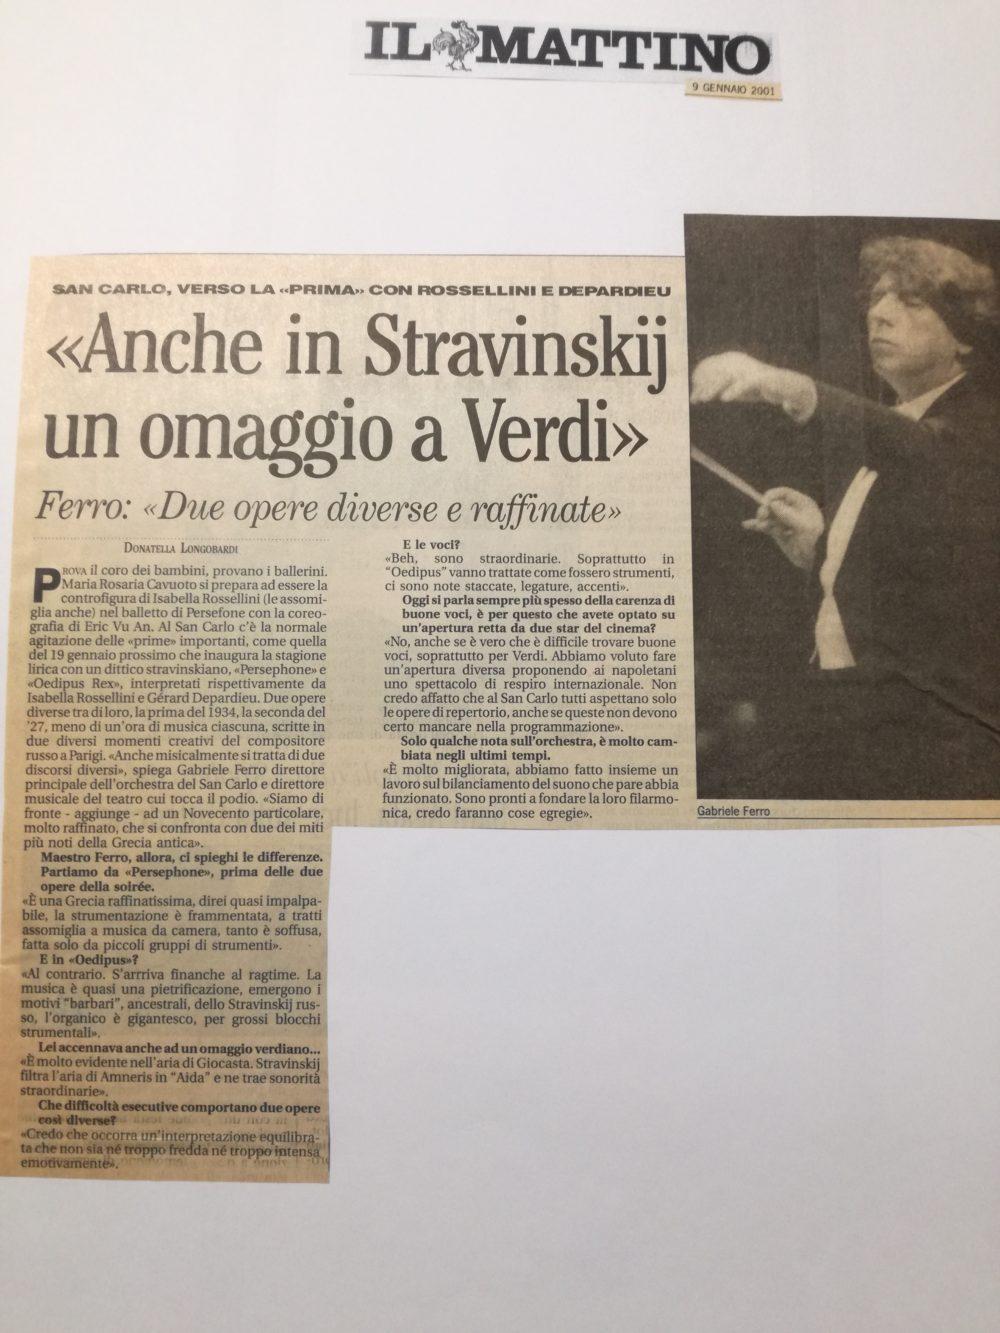 mattino 26 gennaio 2001